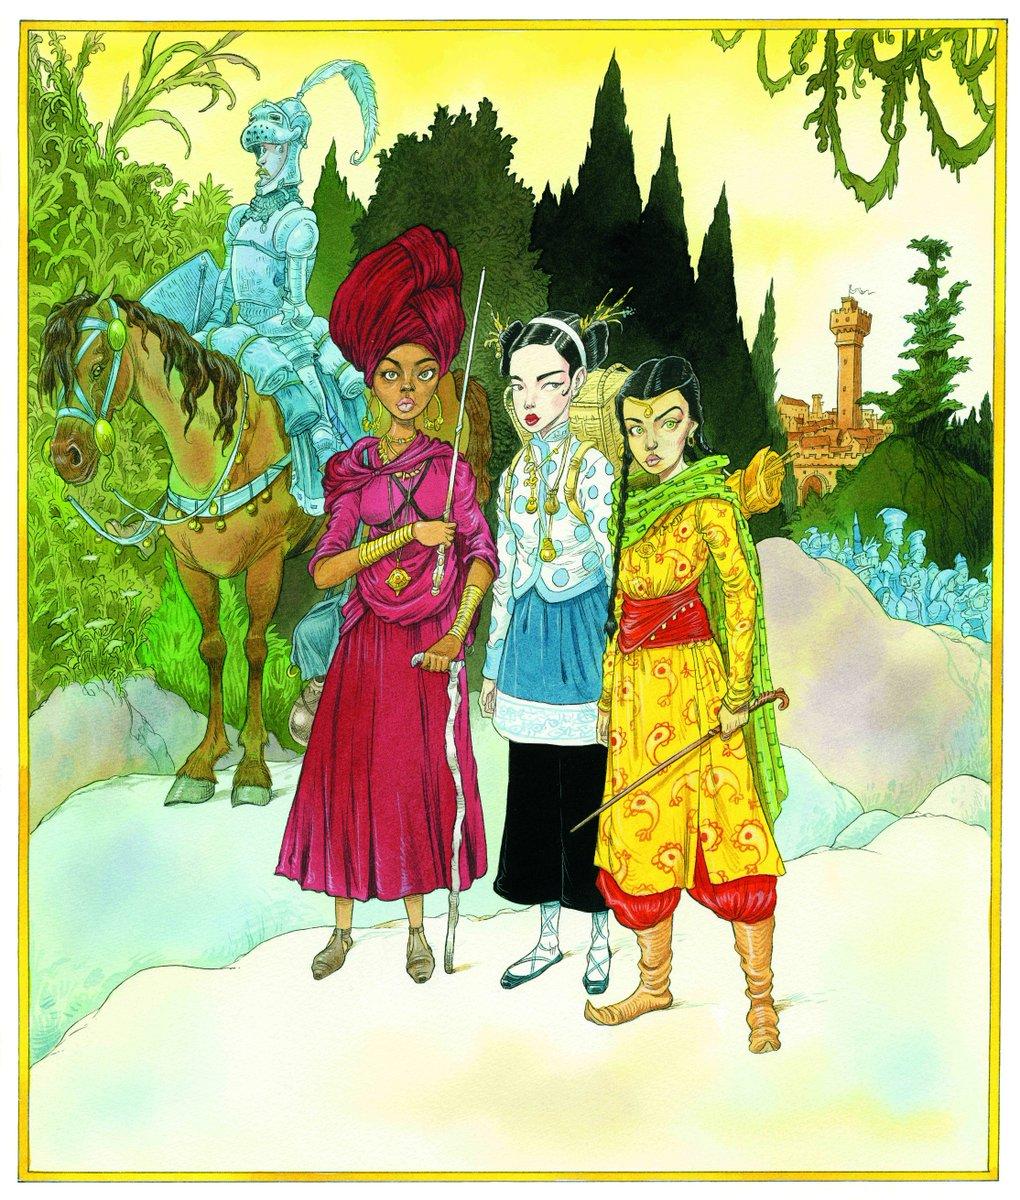 Les Contes de Beedle le Barde illustré : premiers aperçus ! [MAJ]